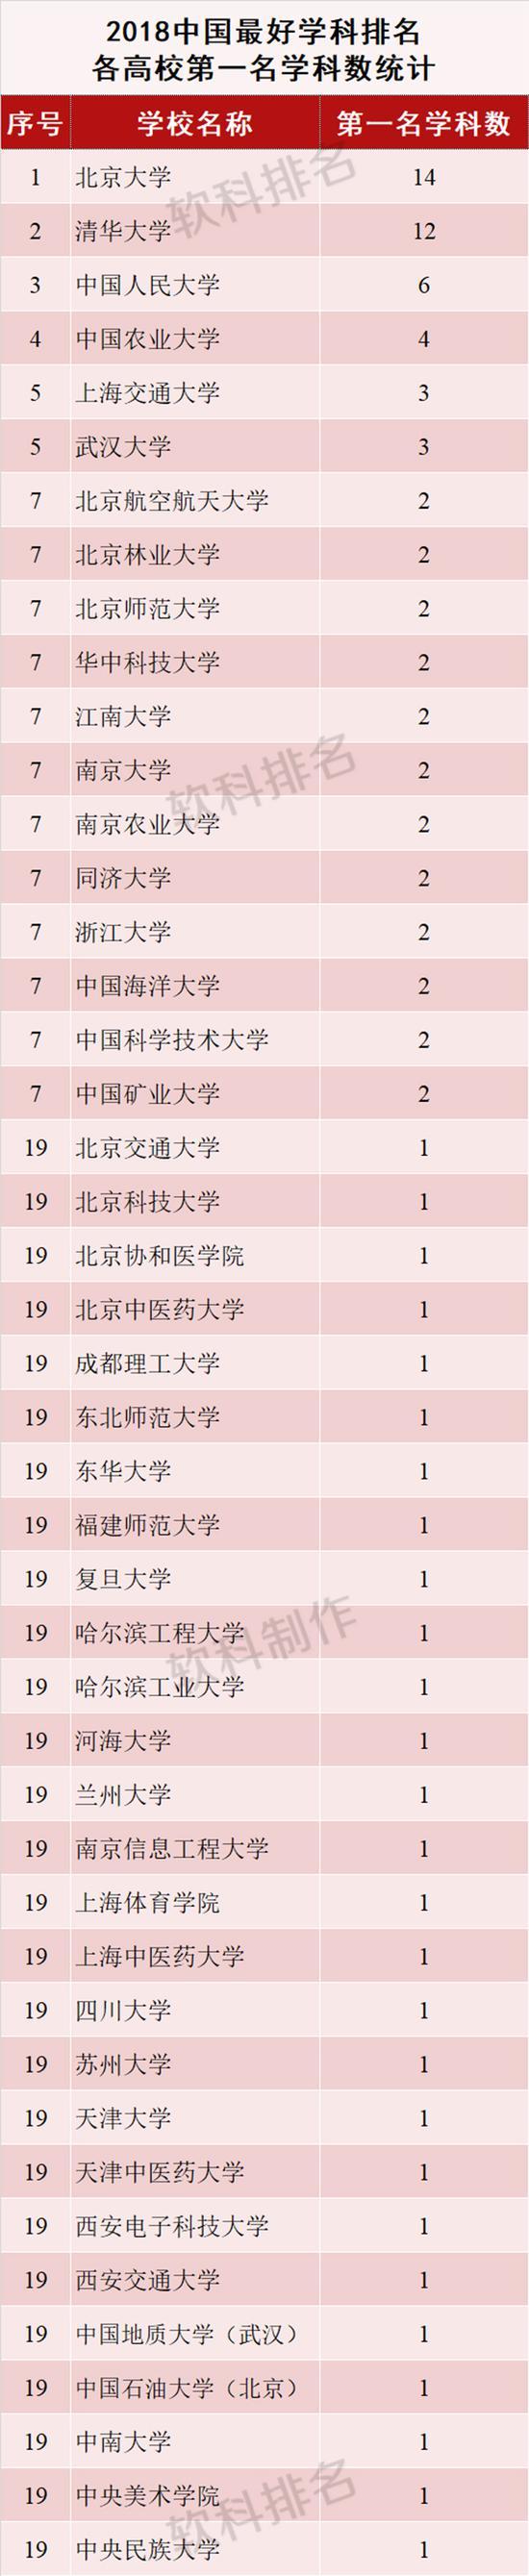 中国1%顶尖学科排名:京一沪二鄂三